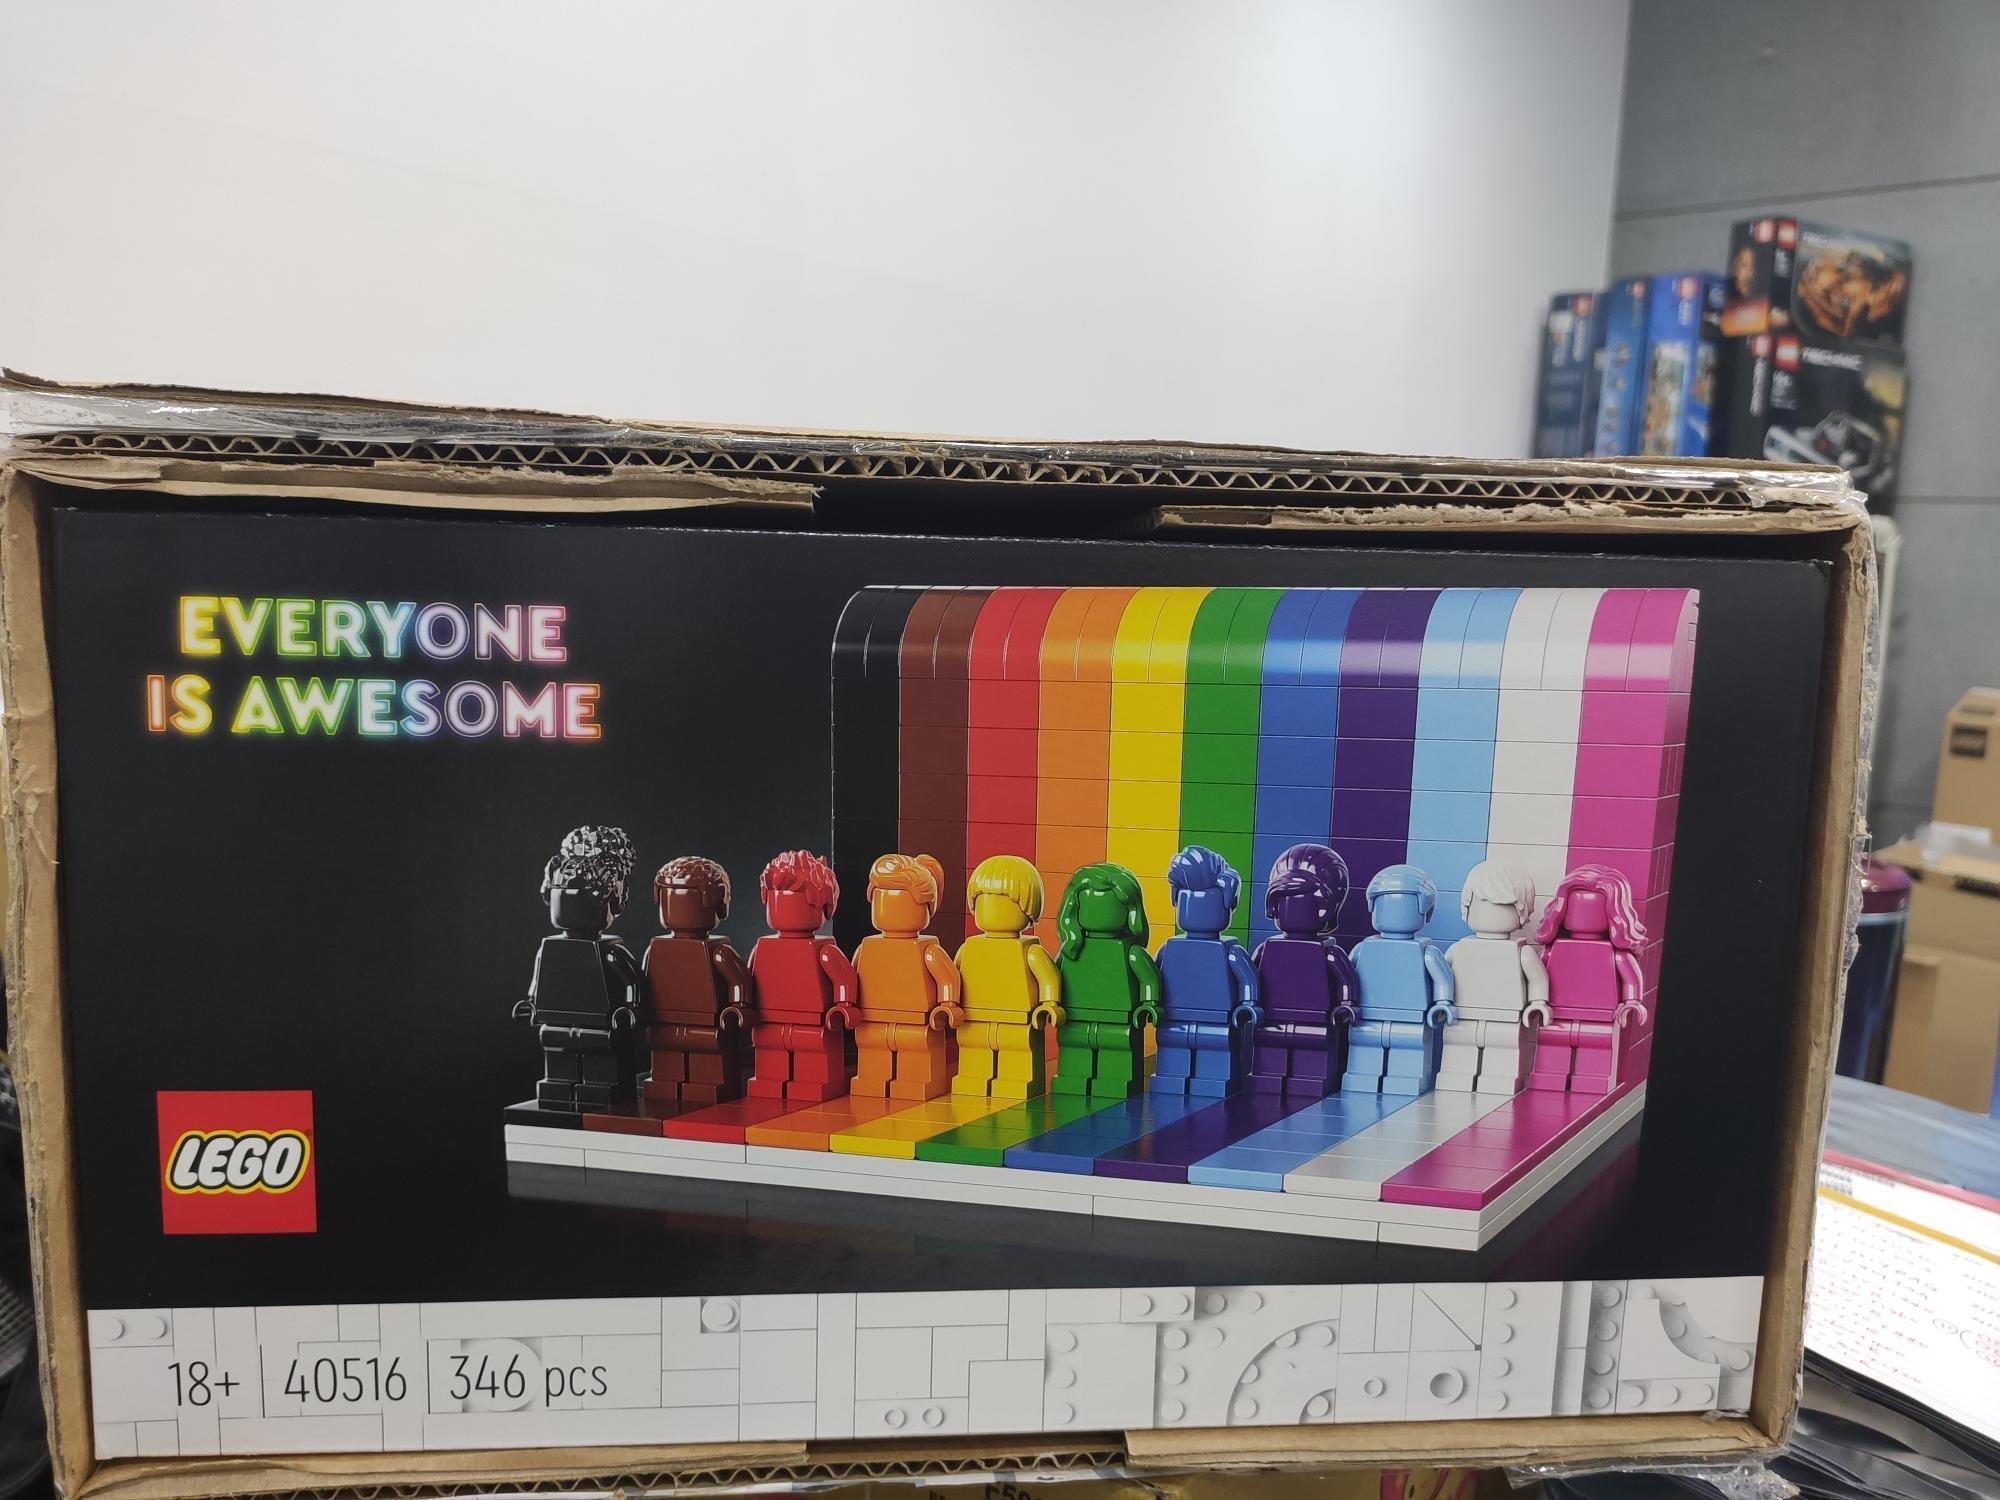 [公司貨 現貨] LEGO 40516 每一個人都很讚 Everyone Is Awesome 全新未拆